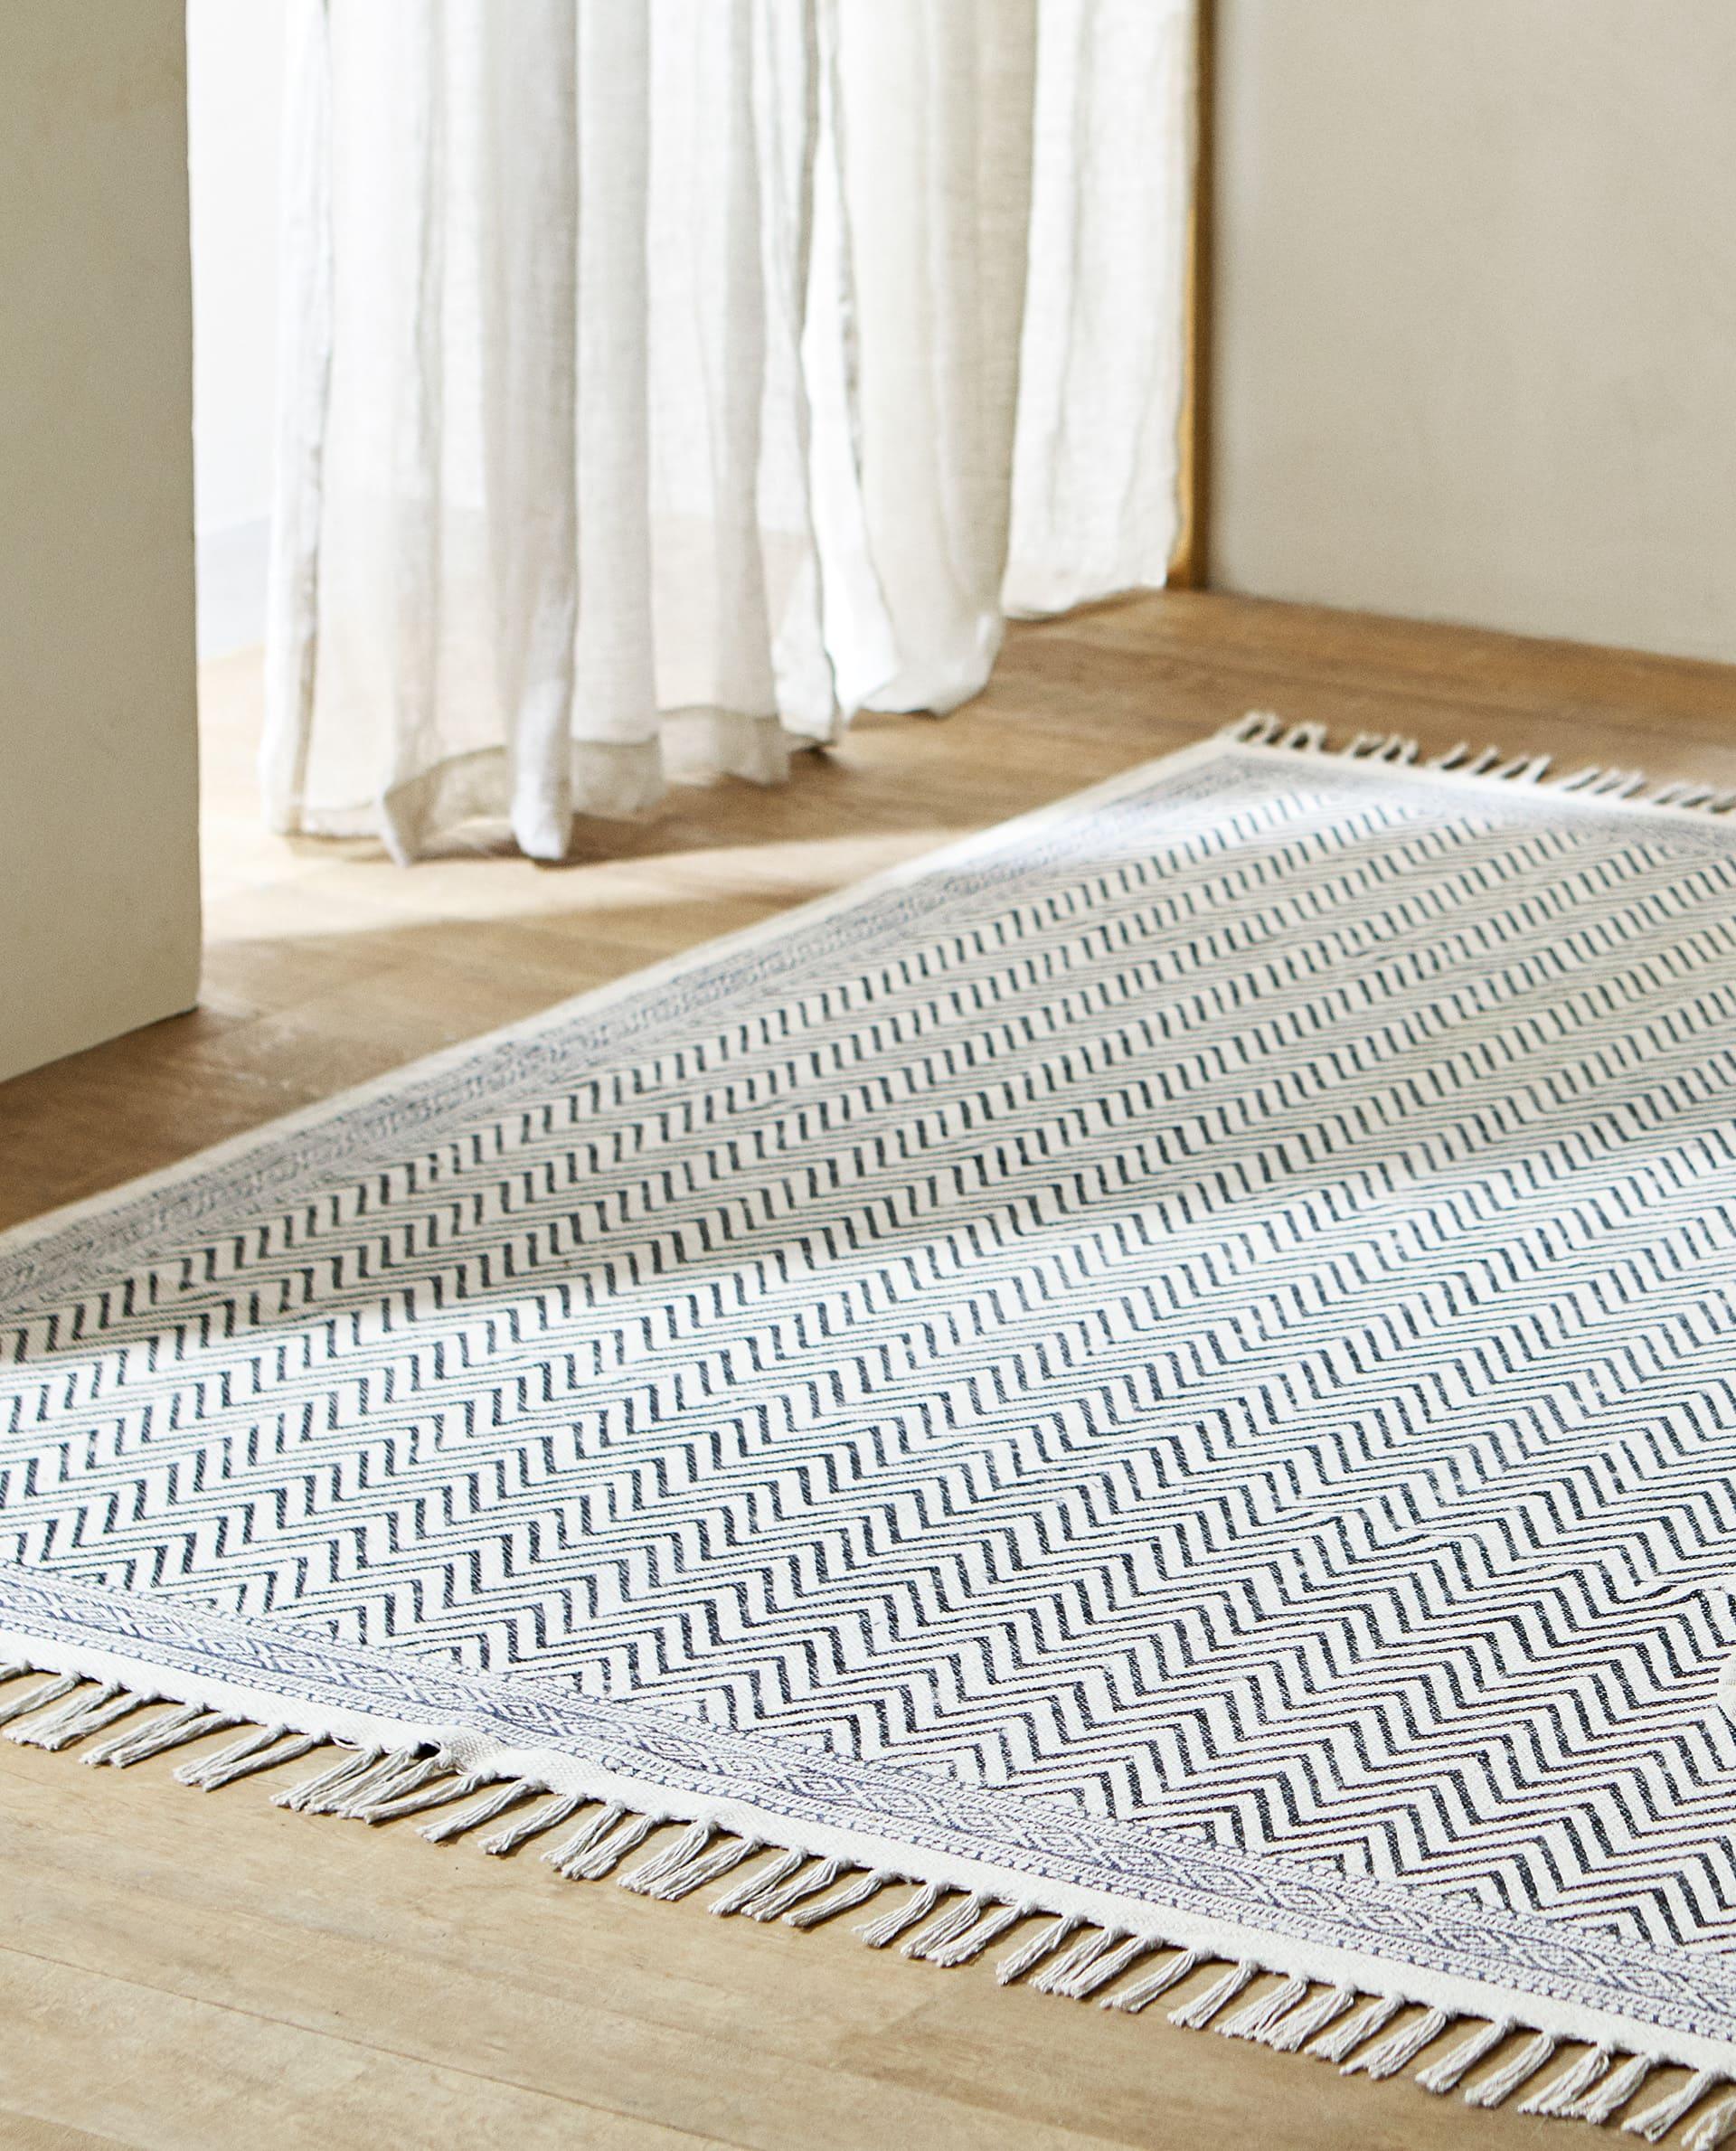 Alfombra de algodón con estampado en zigzag en tonos grises de Zara Home (29,99 euros) / Zara Home